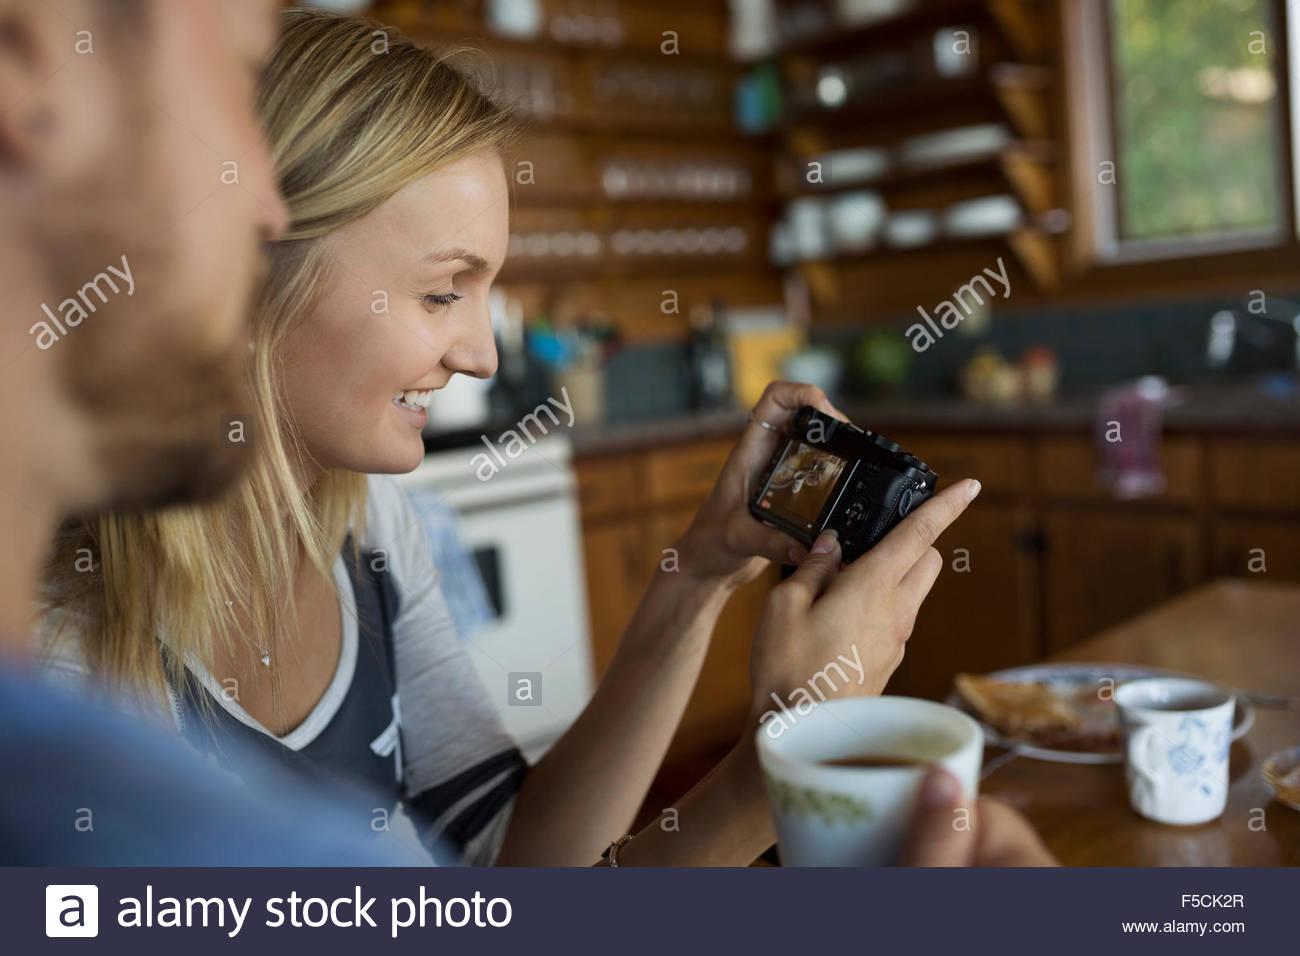 Pareja joven ver cámara digital en la cocina Imagen De Stock